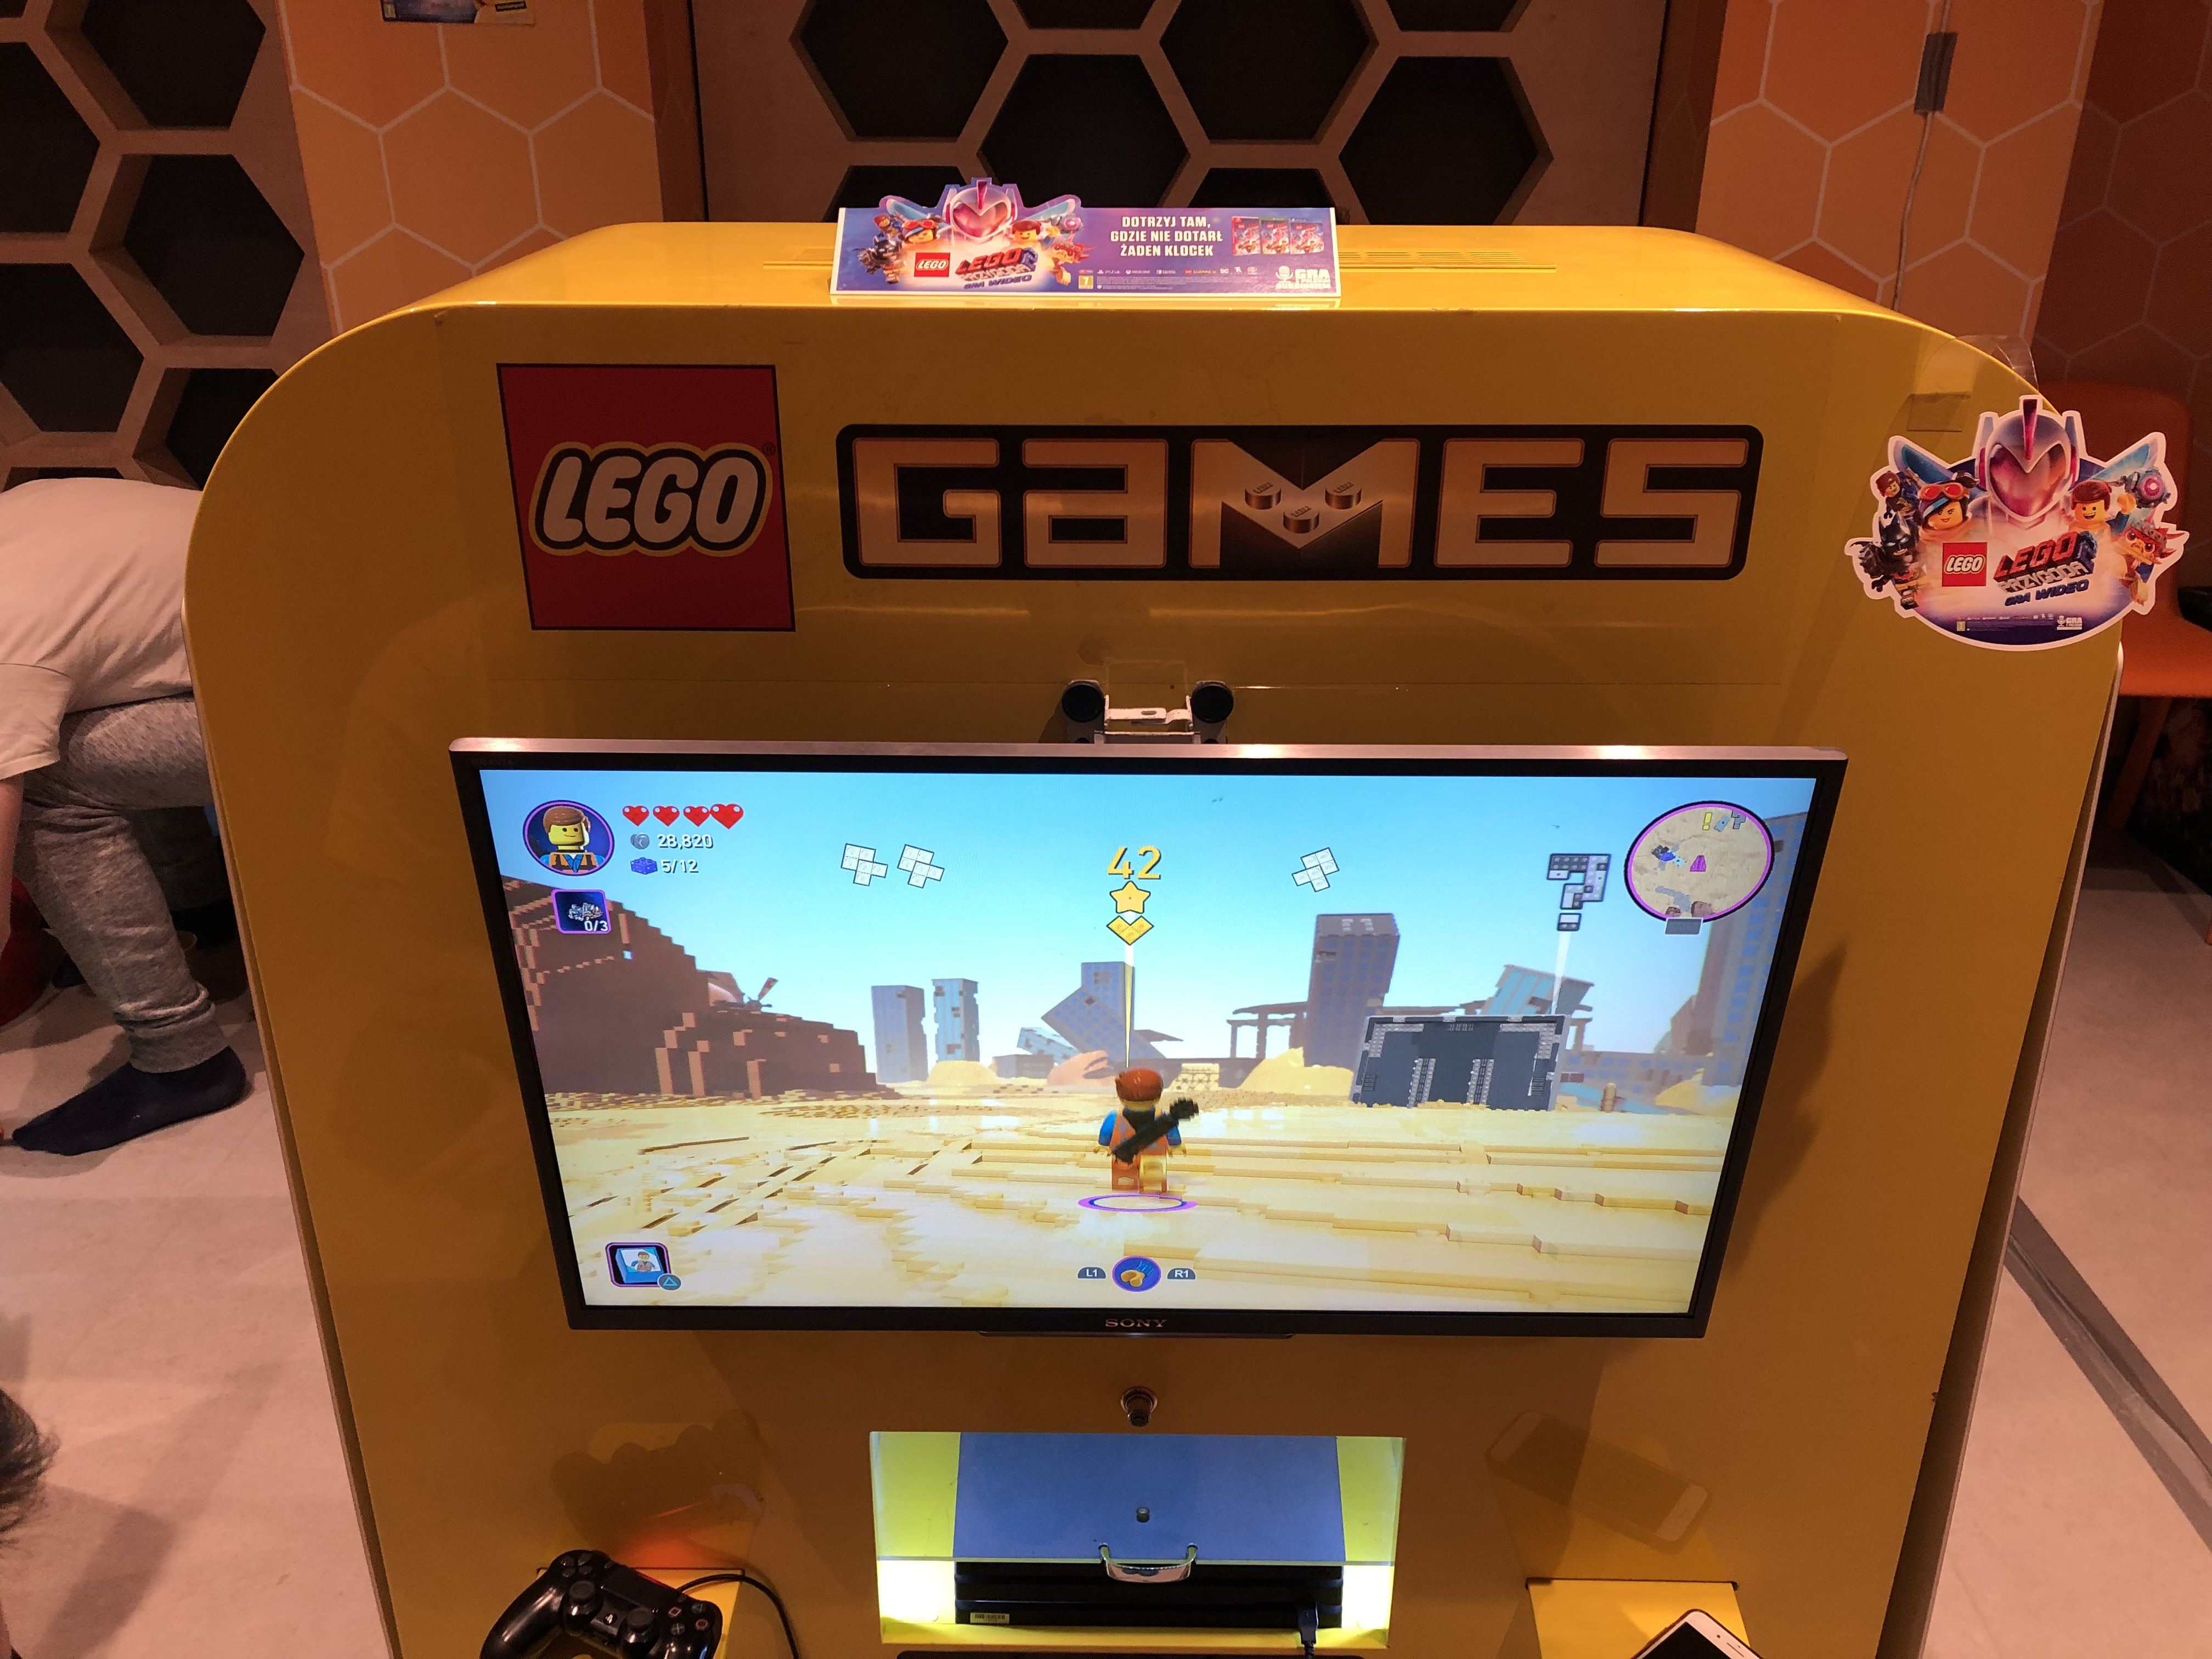 LEGO Przygoda w nowej odsłonie to wciągająca podróż po galaktyce!